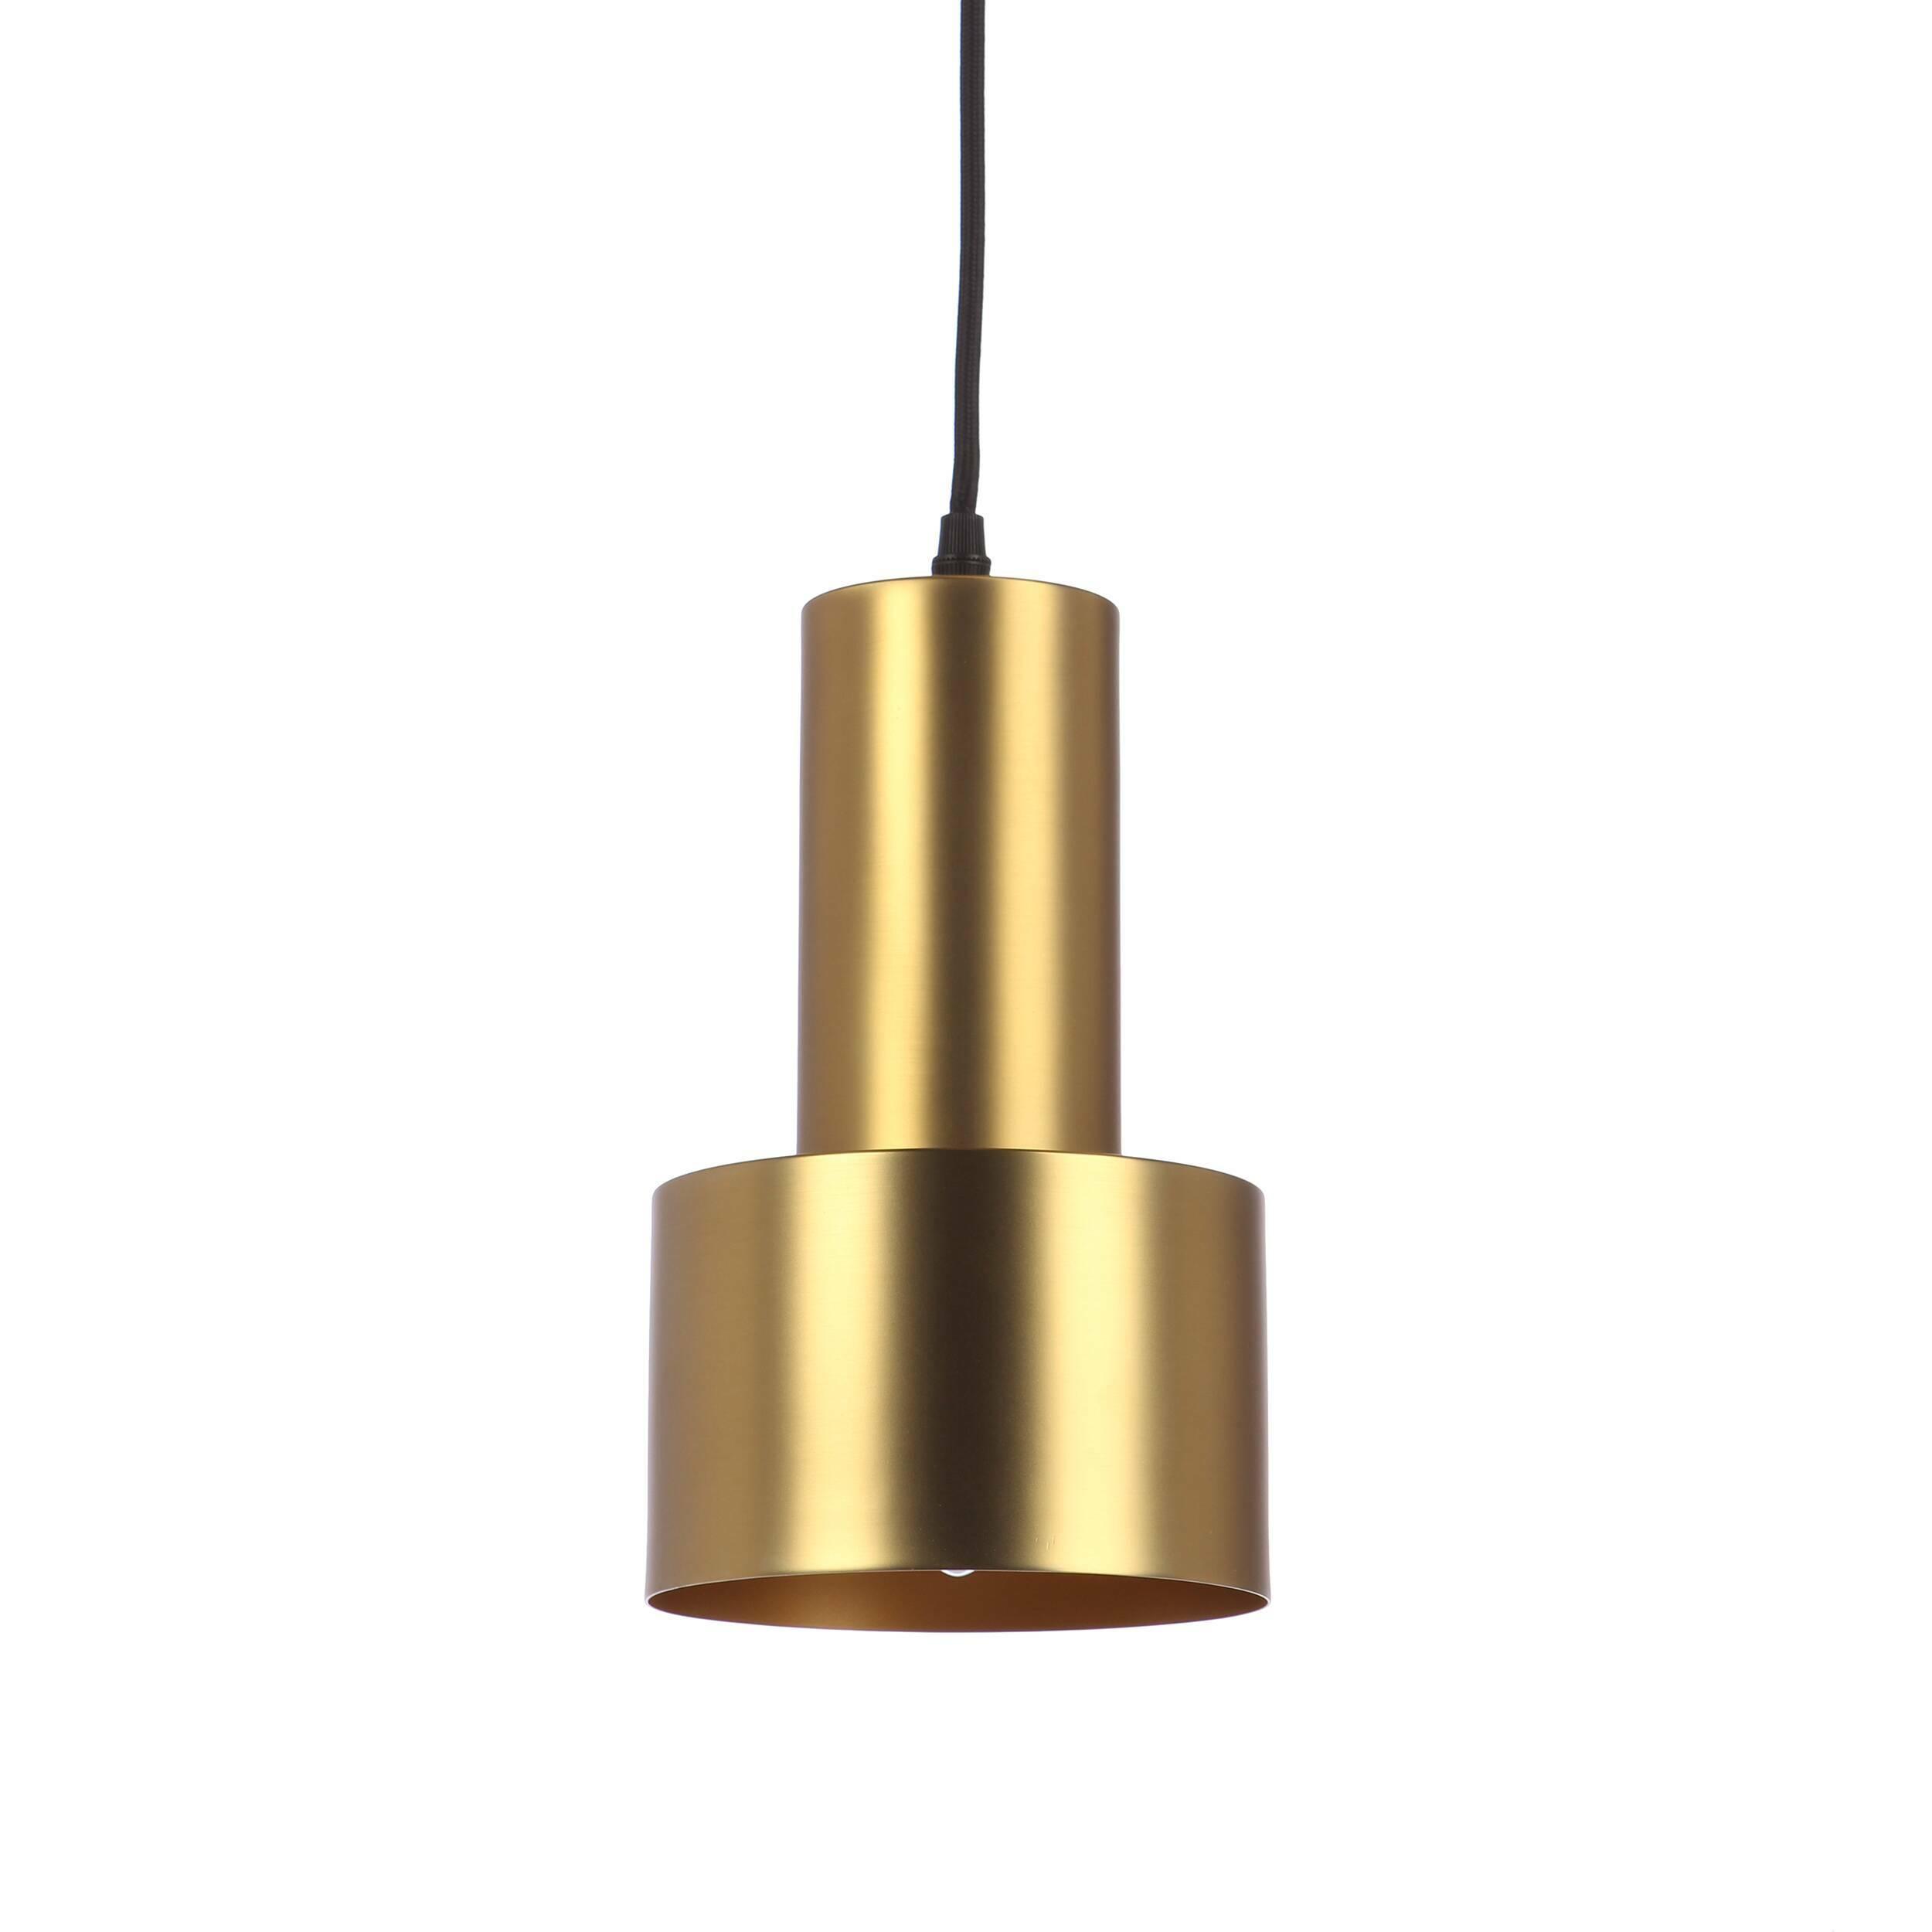 Подвесной светильник CancanПодвесные<br>Подвесной светильник Cancan может стать незаменимым другом в оформлении интерьера. Его лаконичный, но эффектный дизайн позволяет ему вписаться почти в любую обстановку. Простая геометрия форм позволяет использовать его в помещениях, оформленных в стилях модерн, минимализм, хай-тек, китч, индастриал, лофт. Один такой светильник позволяет играть со светом, расставляя световые акценты там, где это необходимо. Кроме того, такие светильники можно повесить в ряд для создания световой дорожки или...<br><br>stock: 0<br>Высота: 30<br>Диаметр: 15<br>Количество ламп: 1<br>Материал абажура: Сталь<br>Материал арматуры: Сталь<br>Мощность лампы: 60<br>Ламп в комплекте: Нет<br>Напряжение: 220-240<br>Тип лампы/цоколь: E14<br>Цвет абажура: Латунь<br>Цвет арматуры: Латунь<br>Цвет провода: Черный